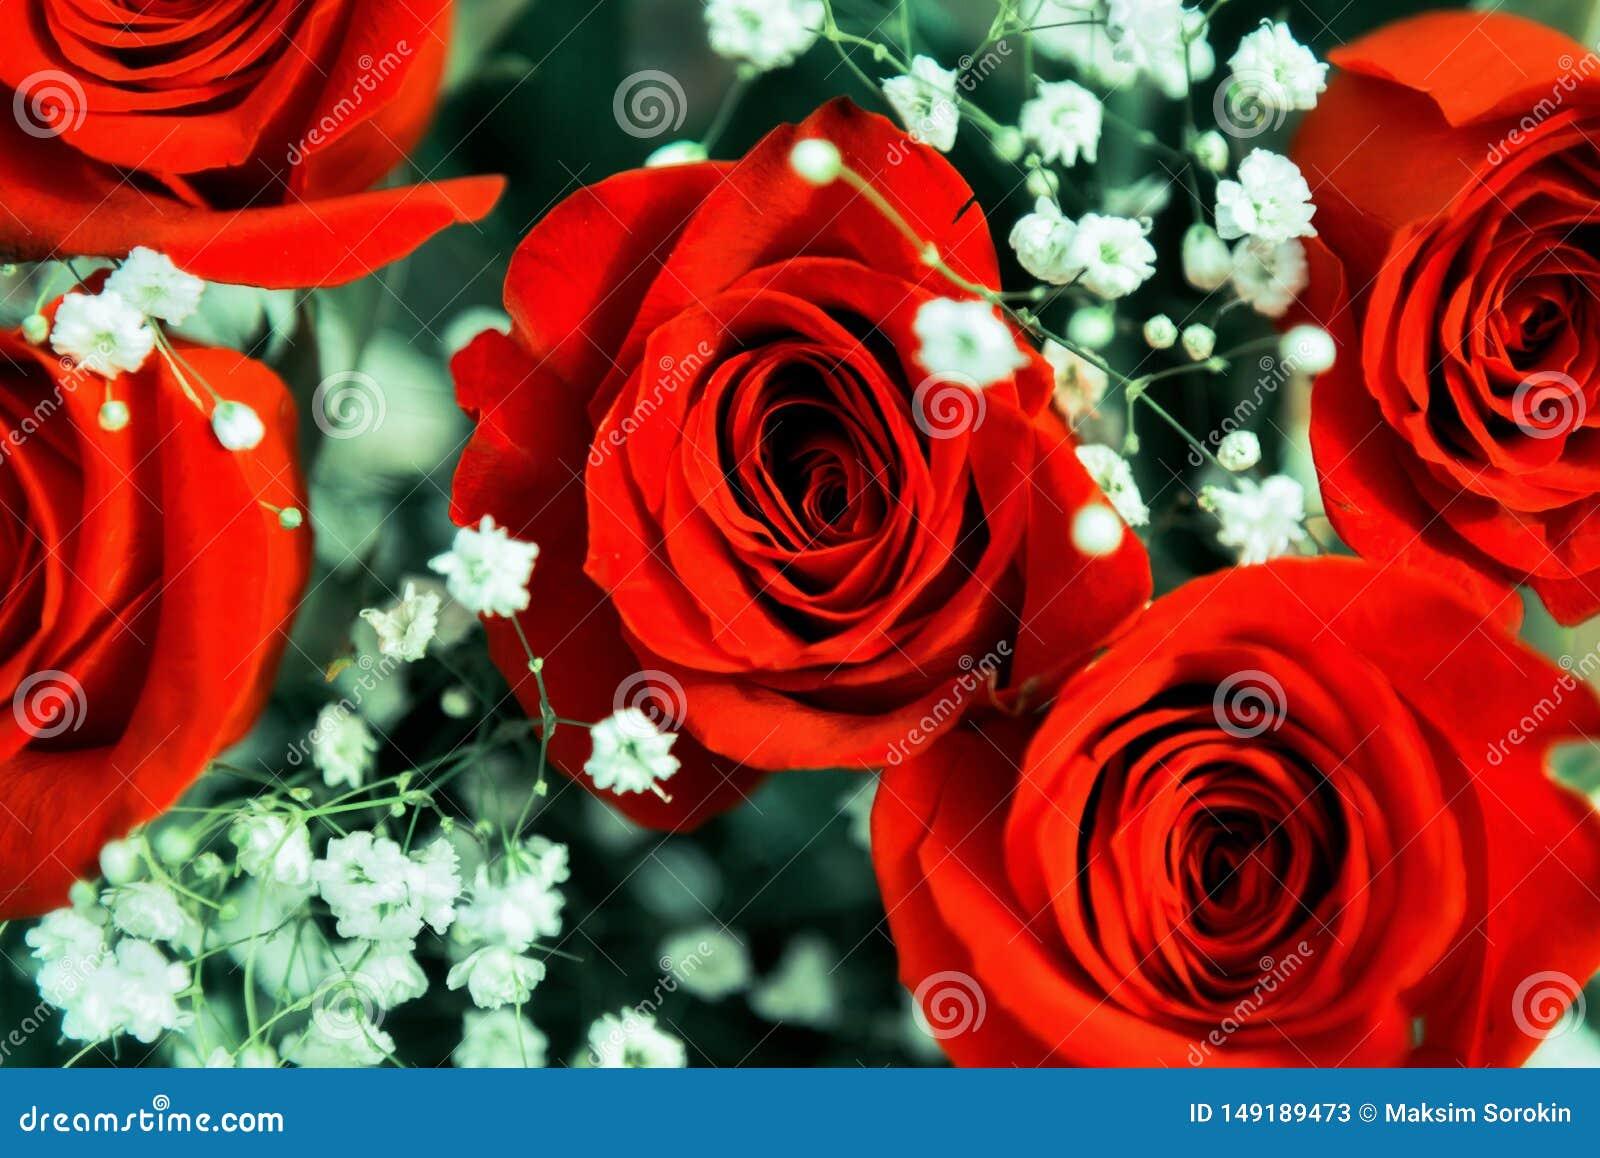 Sch?ner festlicher Blumenstrau? von hellen roten Rosen